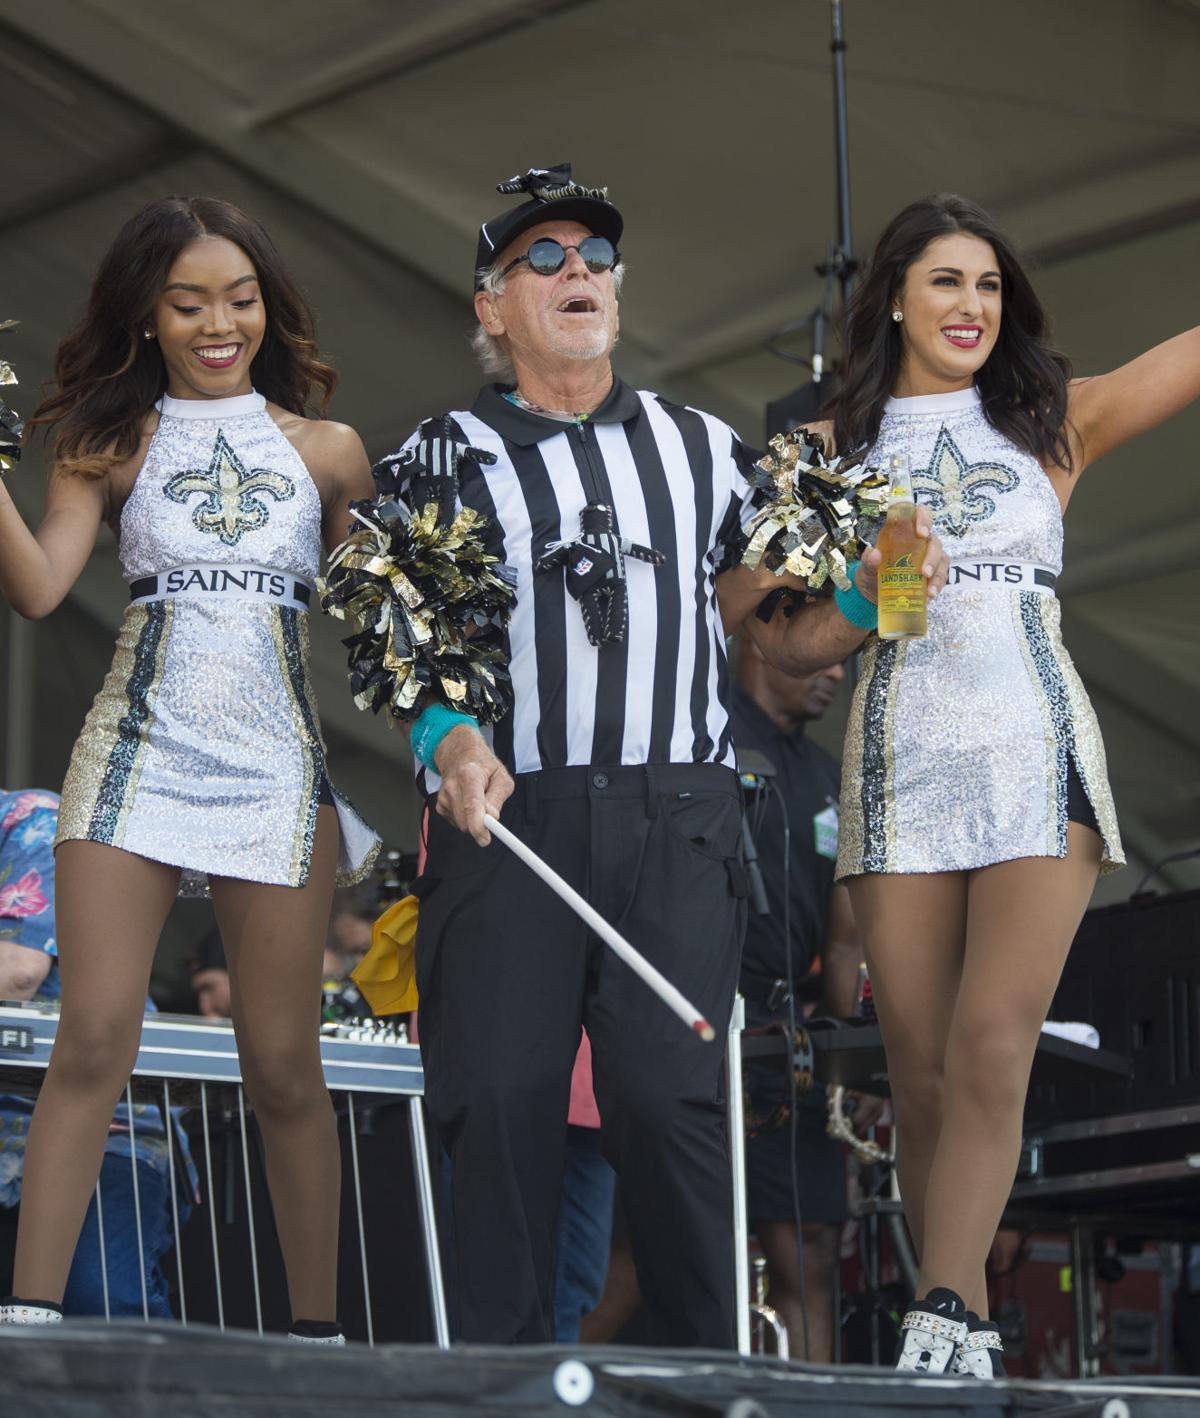 Watch: At Jazz Fest, Jimmy Buffett Trades Hawaiian Shirt